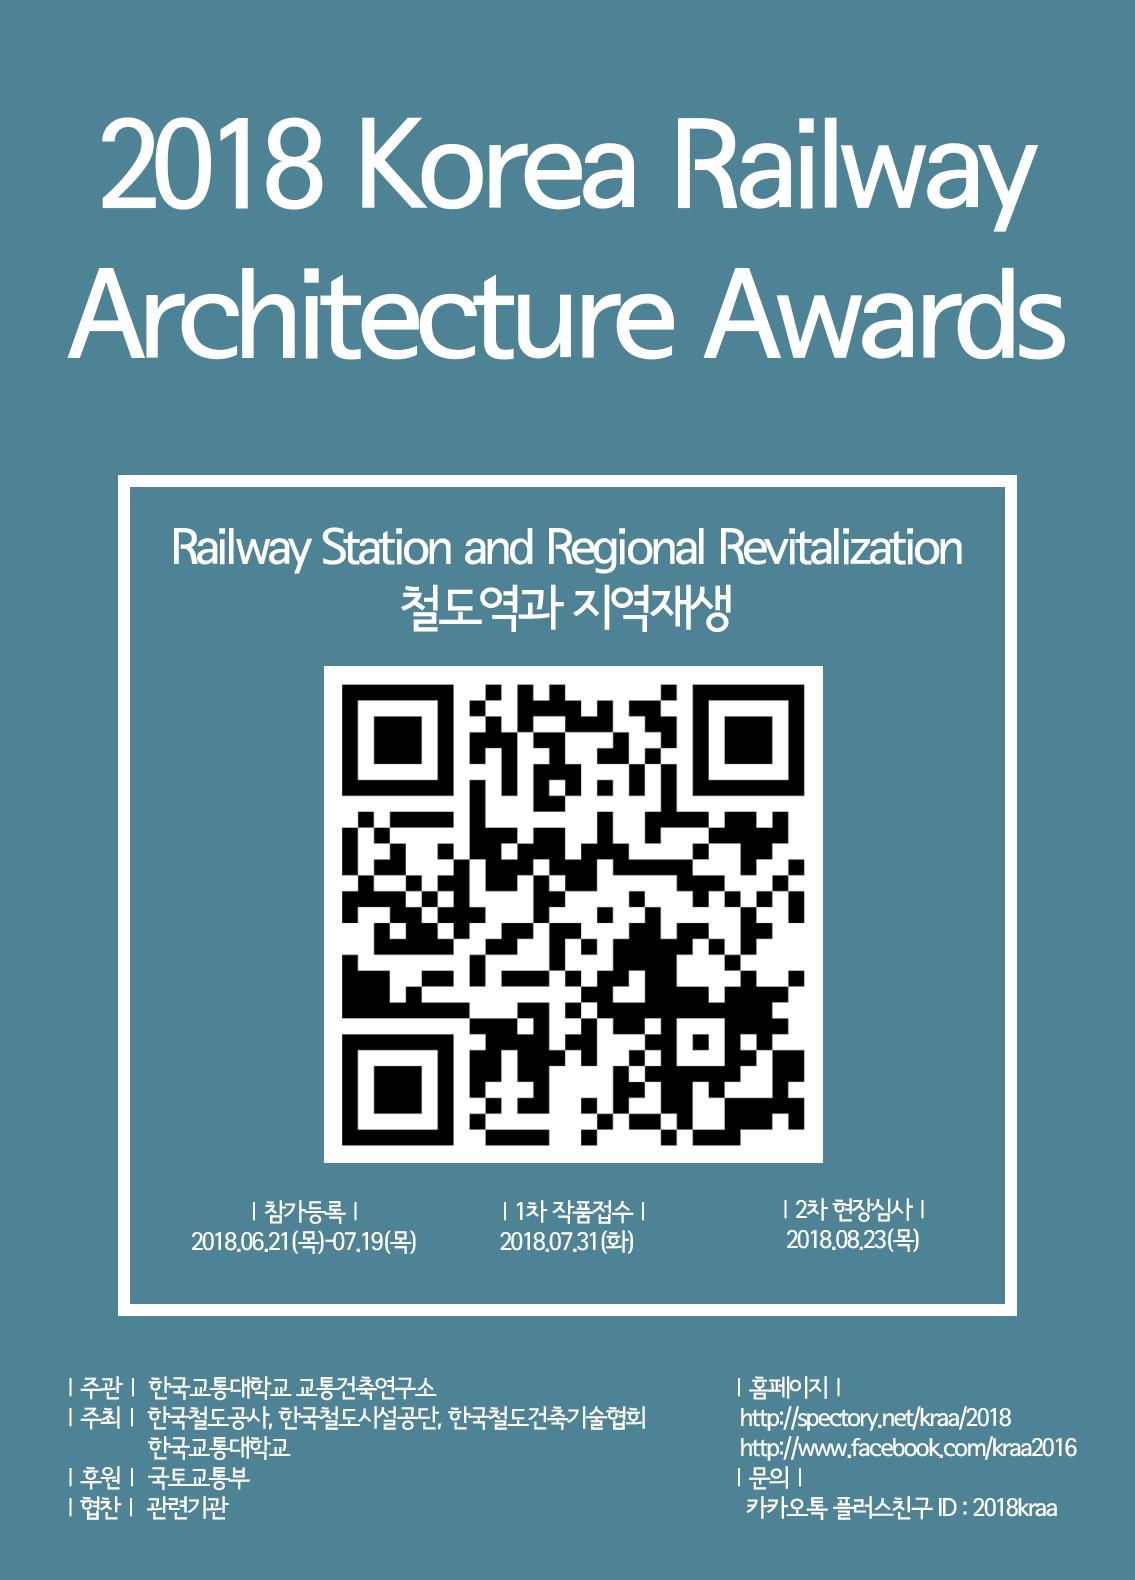 2018 한국철도건축문화상 공모